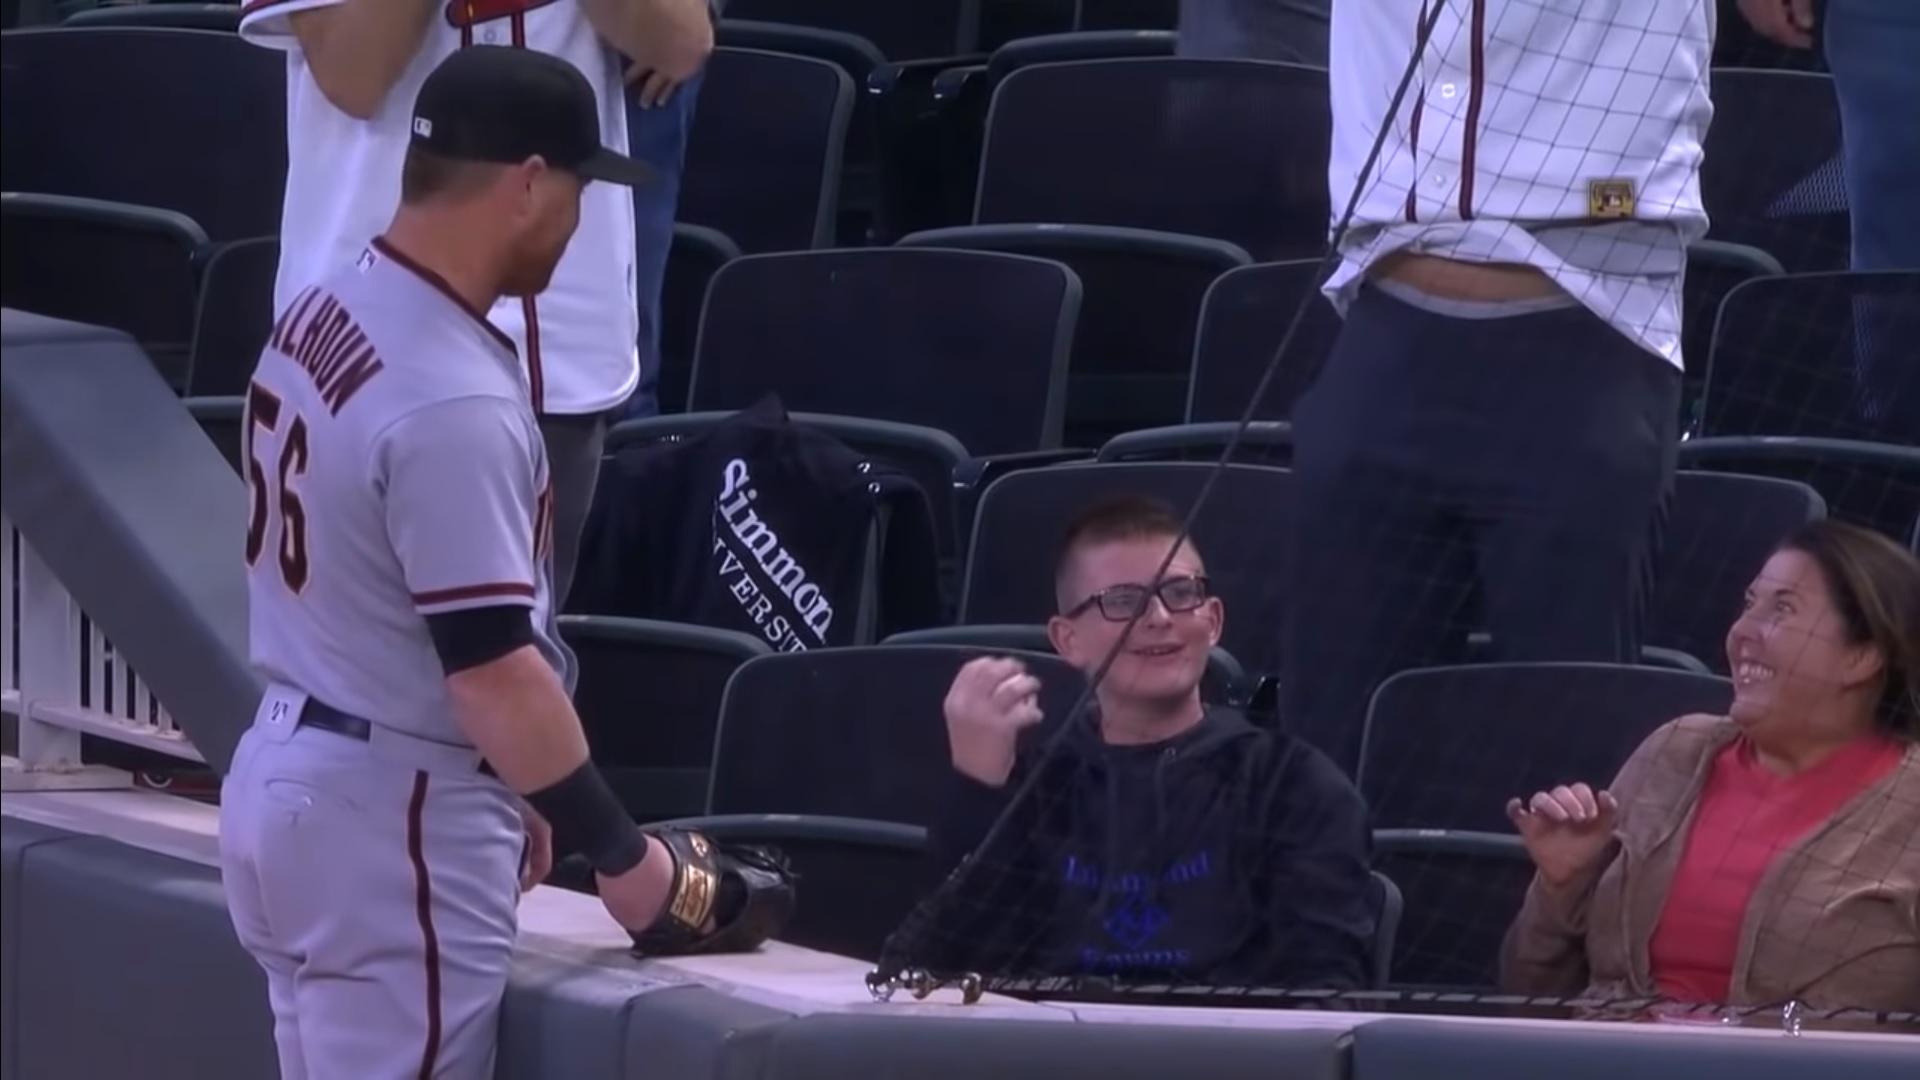 Egy 13 éves fiú elkapta Kole Calhoun elől a baseball-labdát